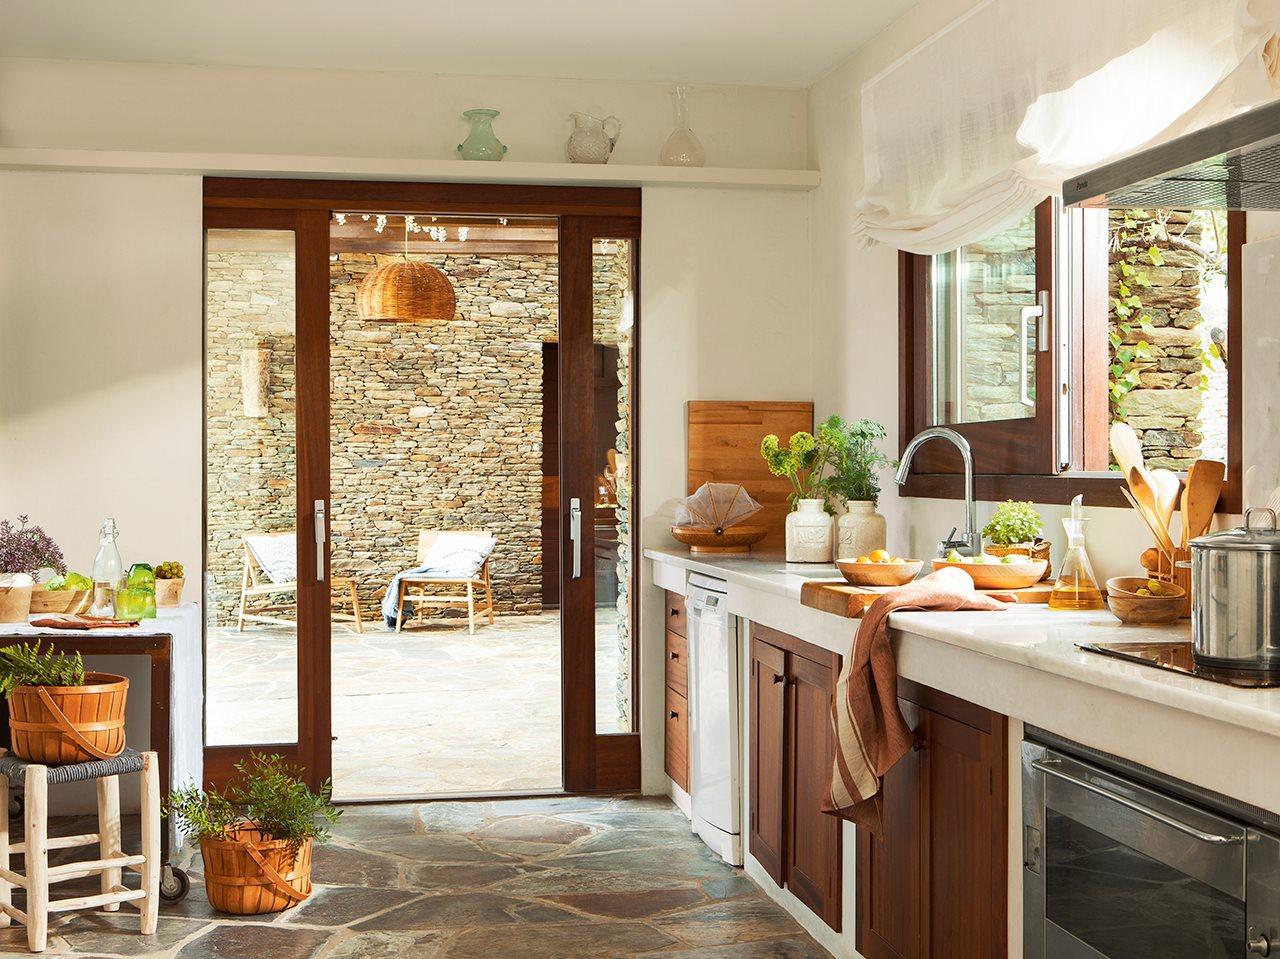 Una casa r stica con vistas a cadaqu s - Suelos rusticos para cocinas ...